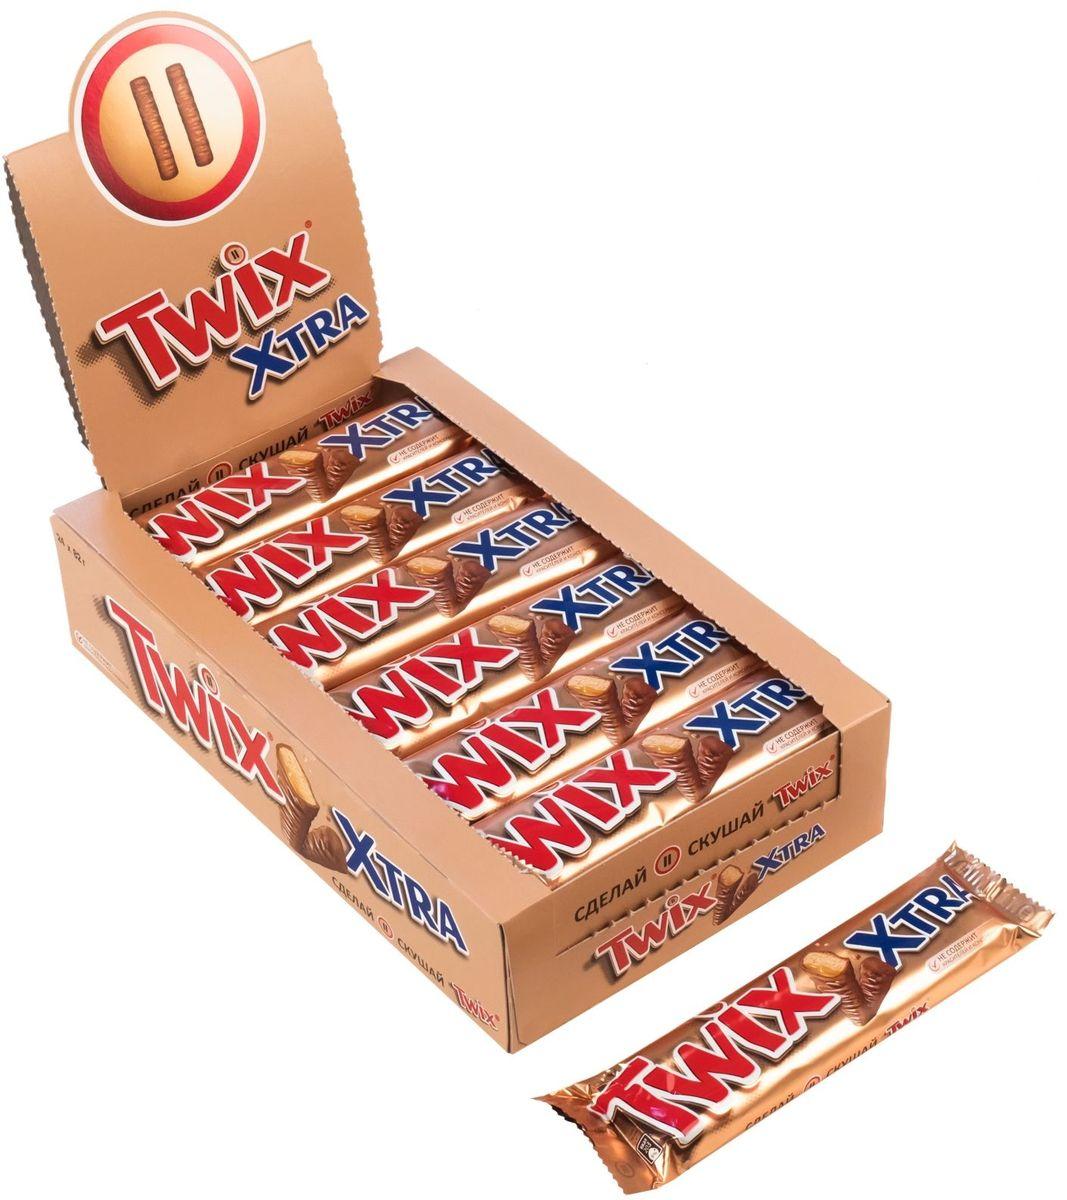 Twix Xtra шоколадный батончик, 24 шт по 82 г twix xtra шоколадный батончик 82 г